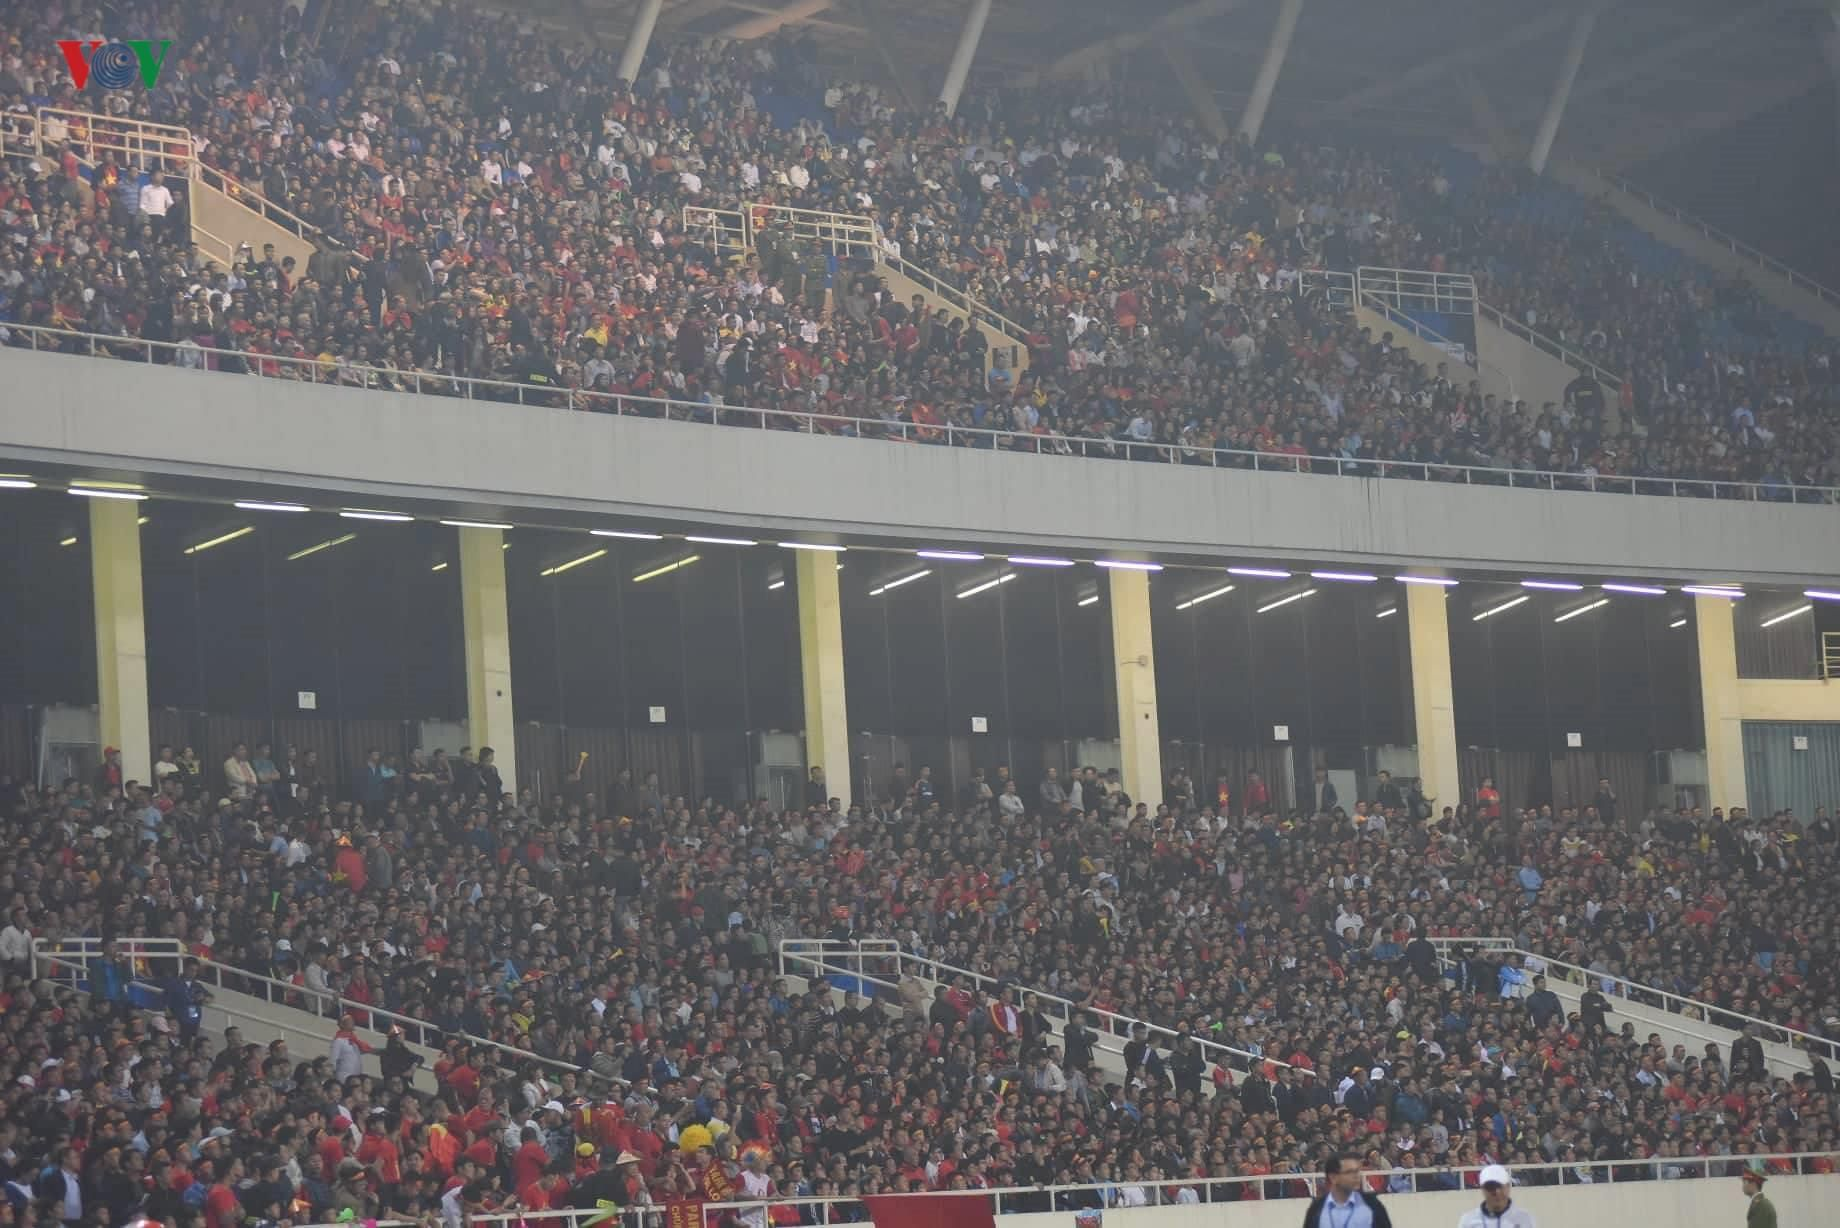 Đấu với U23 Thái Lan, CĐV U23 Việt Nam 'mở hội' trên sân Mỹ Đình Ảnh 4